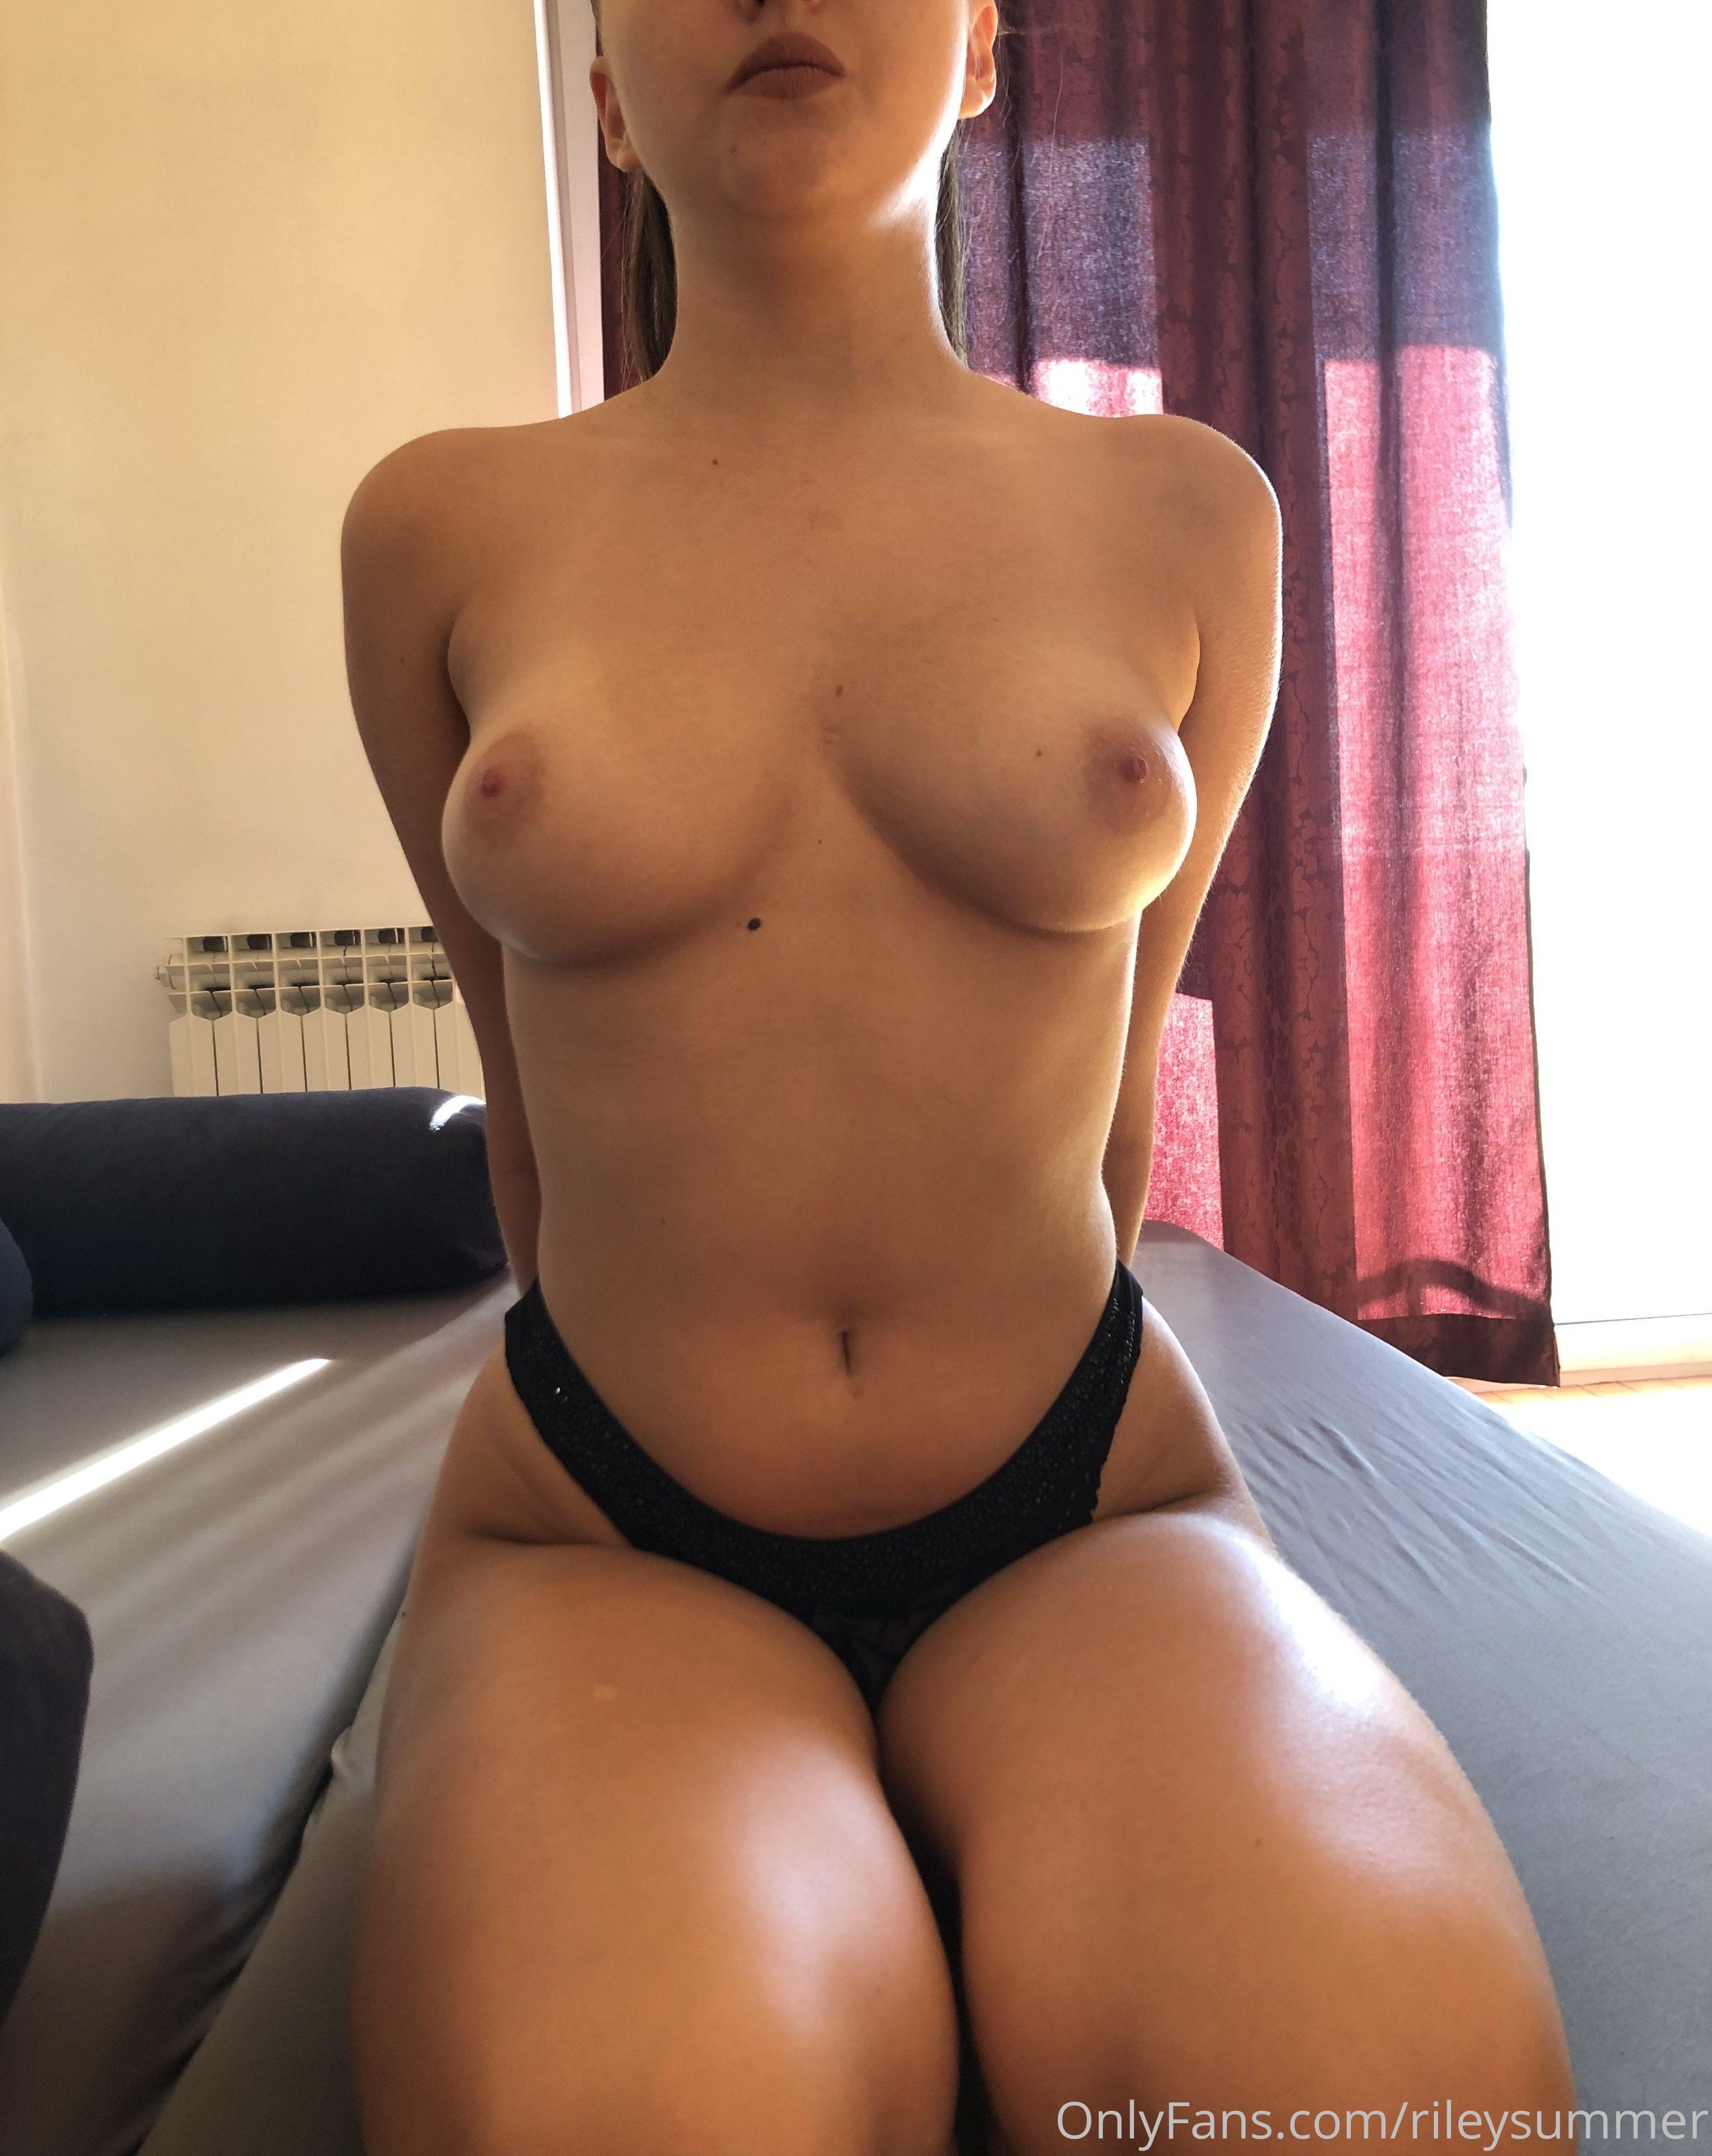 Rileysummer Nude Onlyfans Leaked 0069